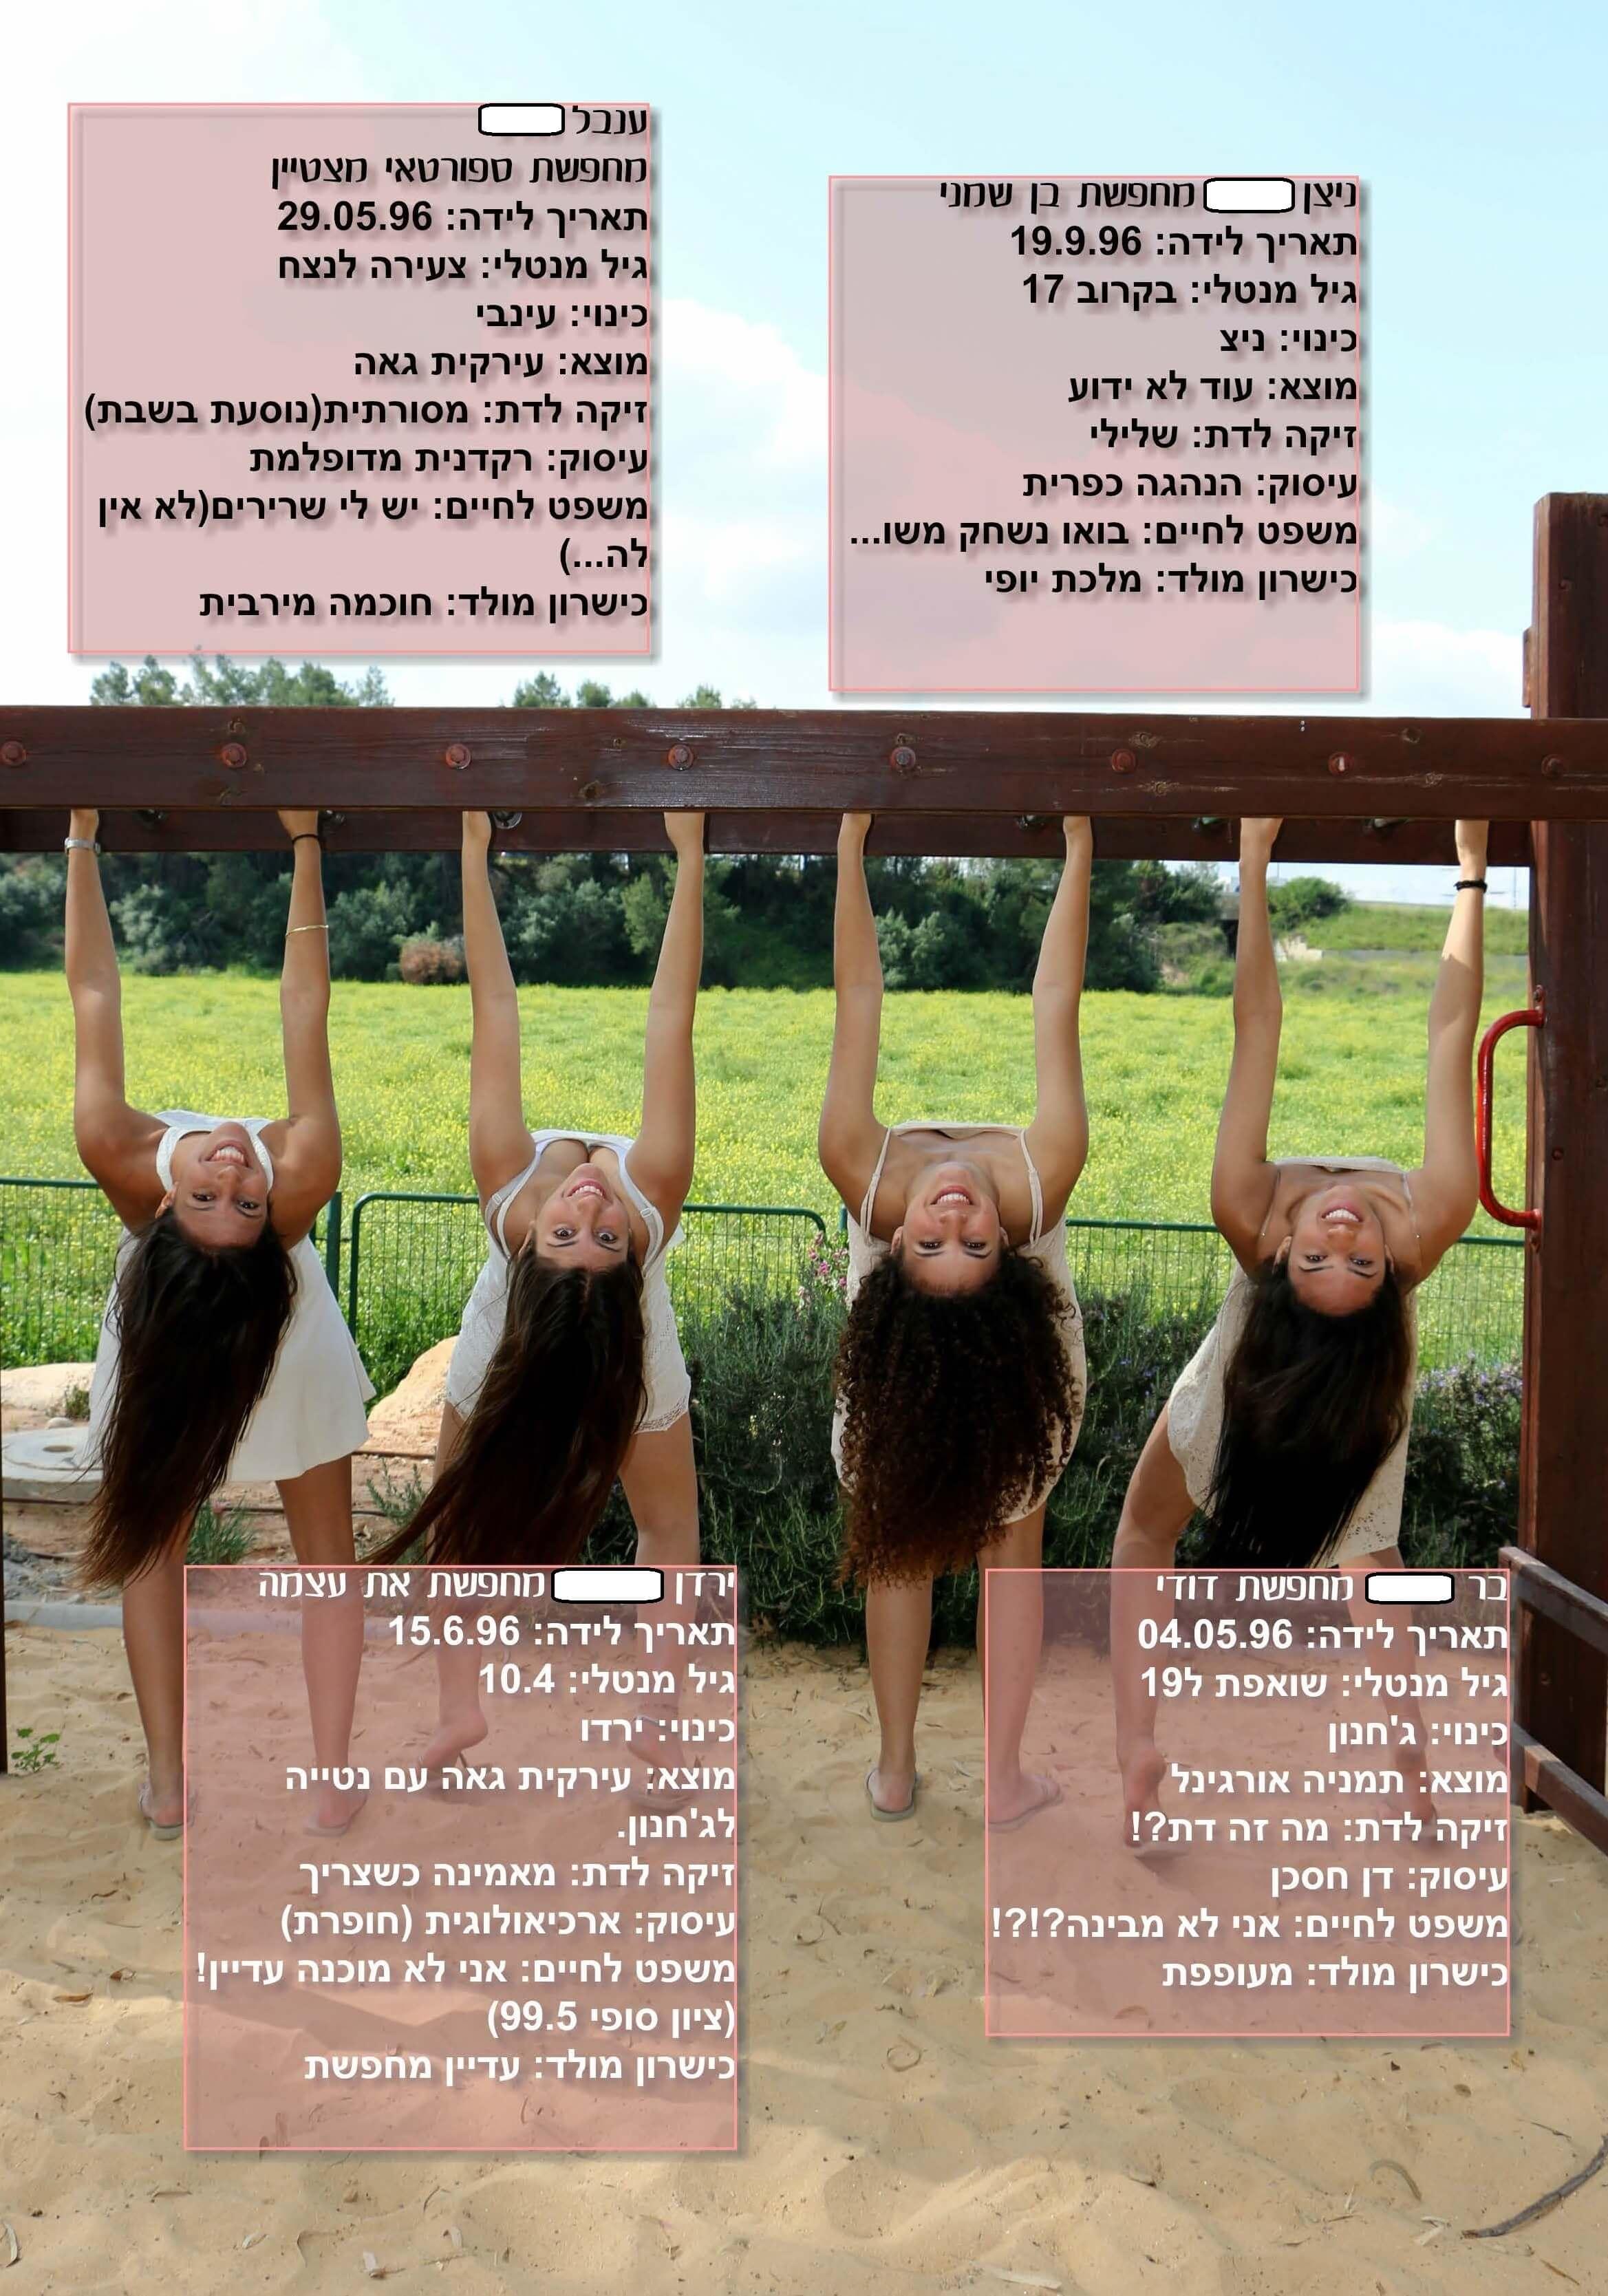 ספר מחזור רקדניות עם חמשירים